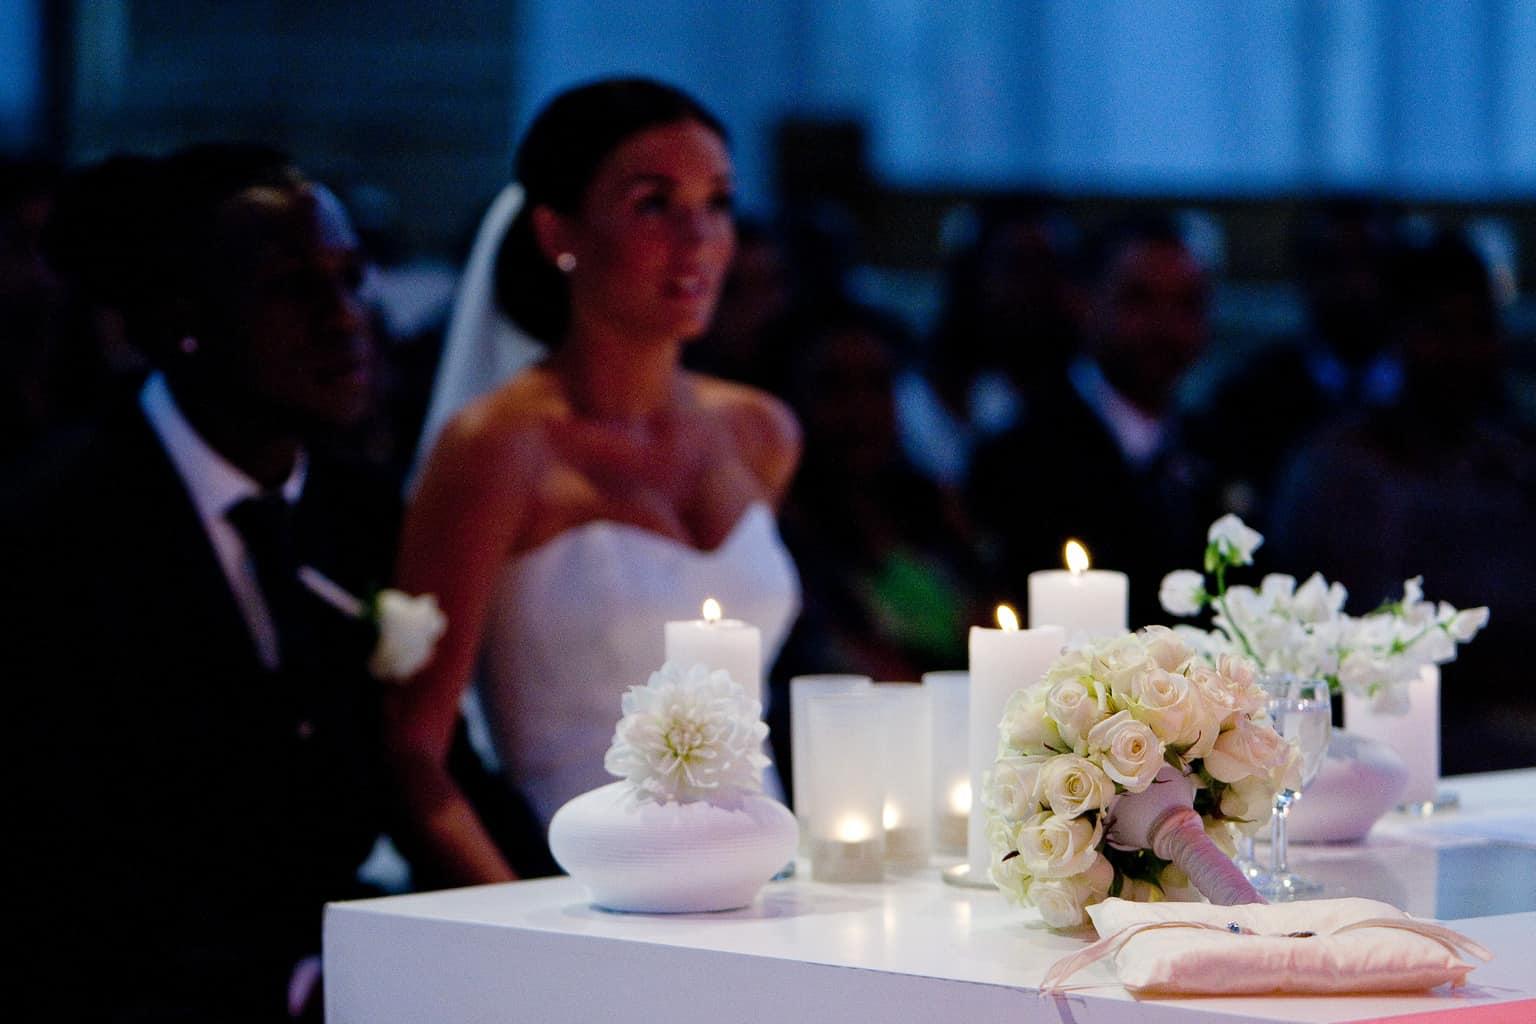 Trouwtafel Royston & Daisy Drenthe,wedding en planning, Weddingplanner, fotocredits Reflexx Reportages, trouwen in de laurenskerk, burgerlijk huwelijk in een kerk, trouwen in Rotterdam